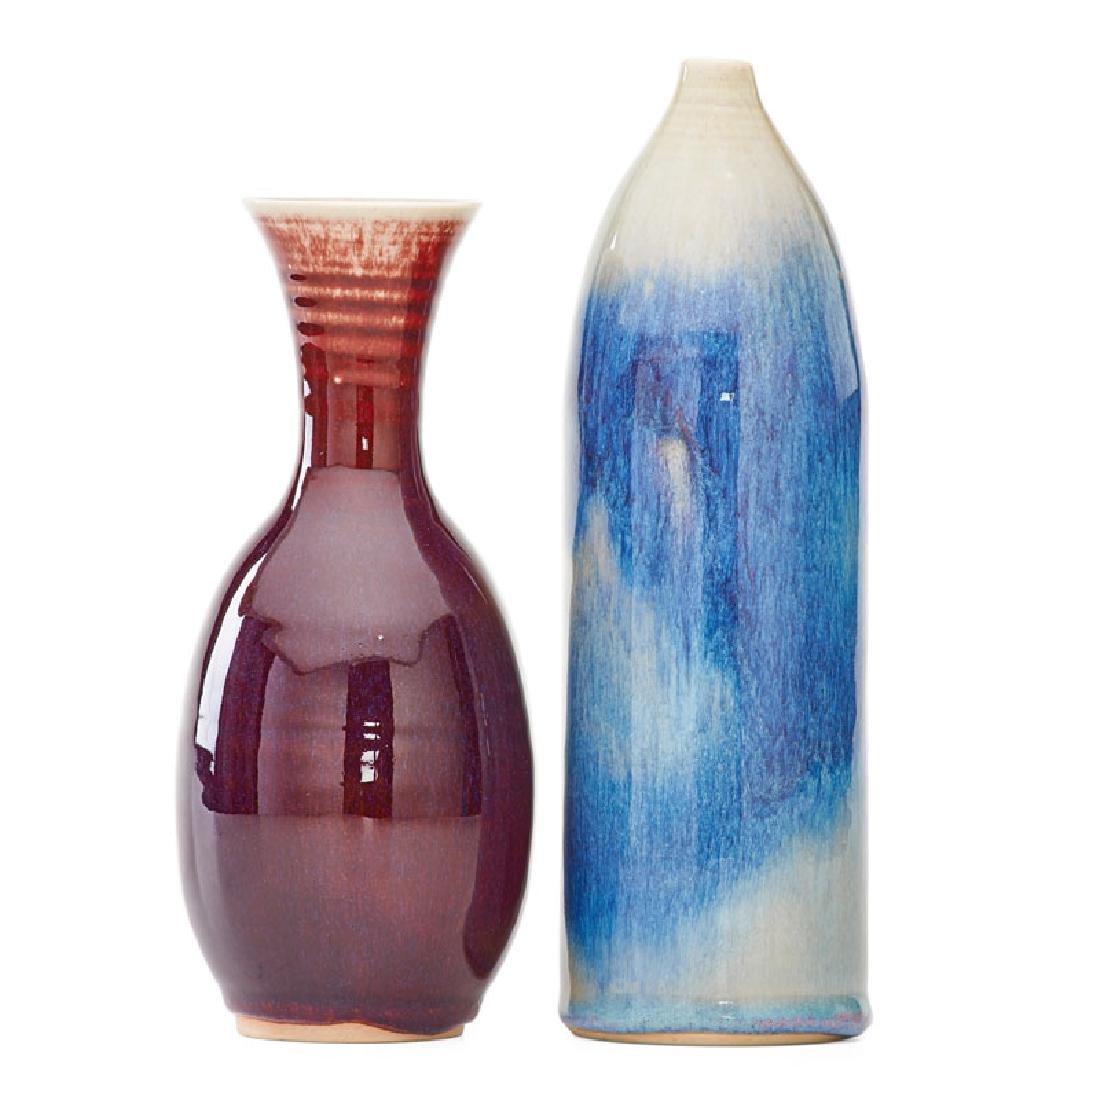 BROTHER THOMAS BEZANSON Two vases